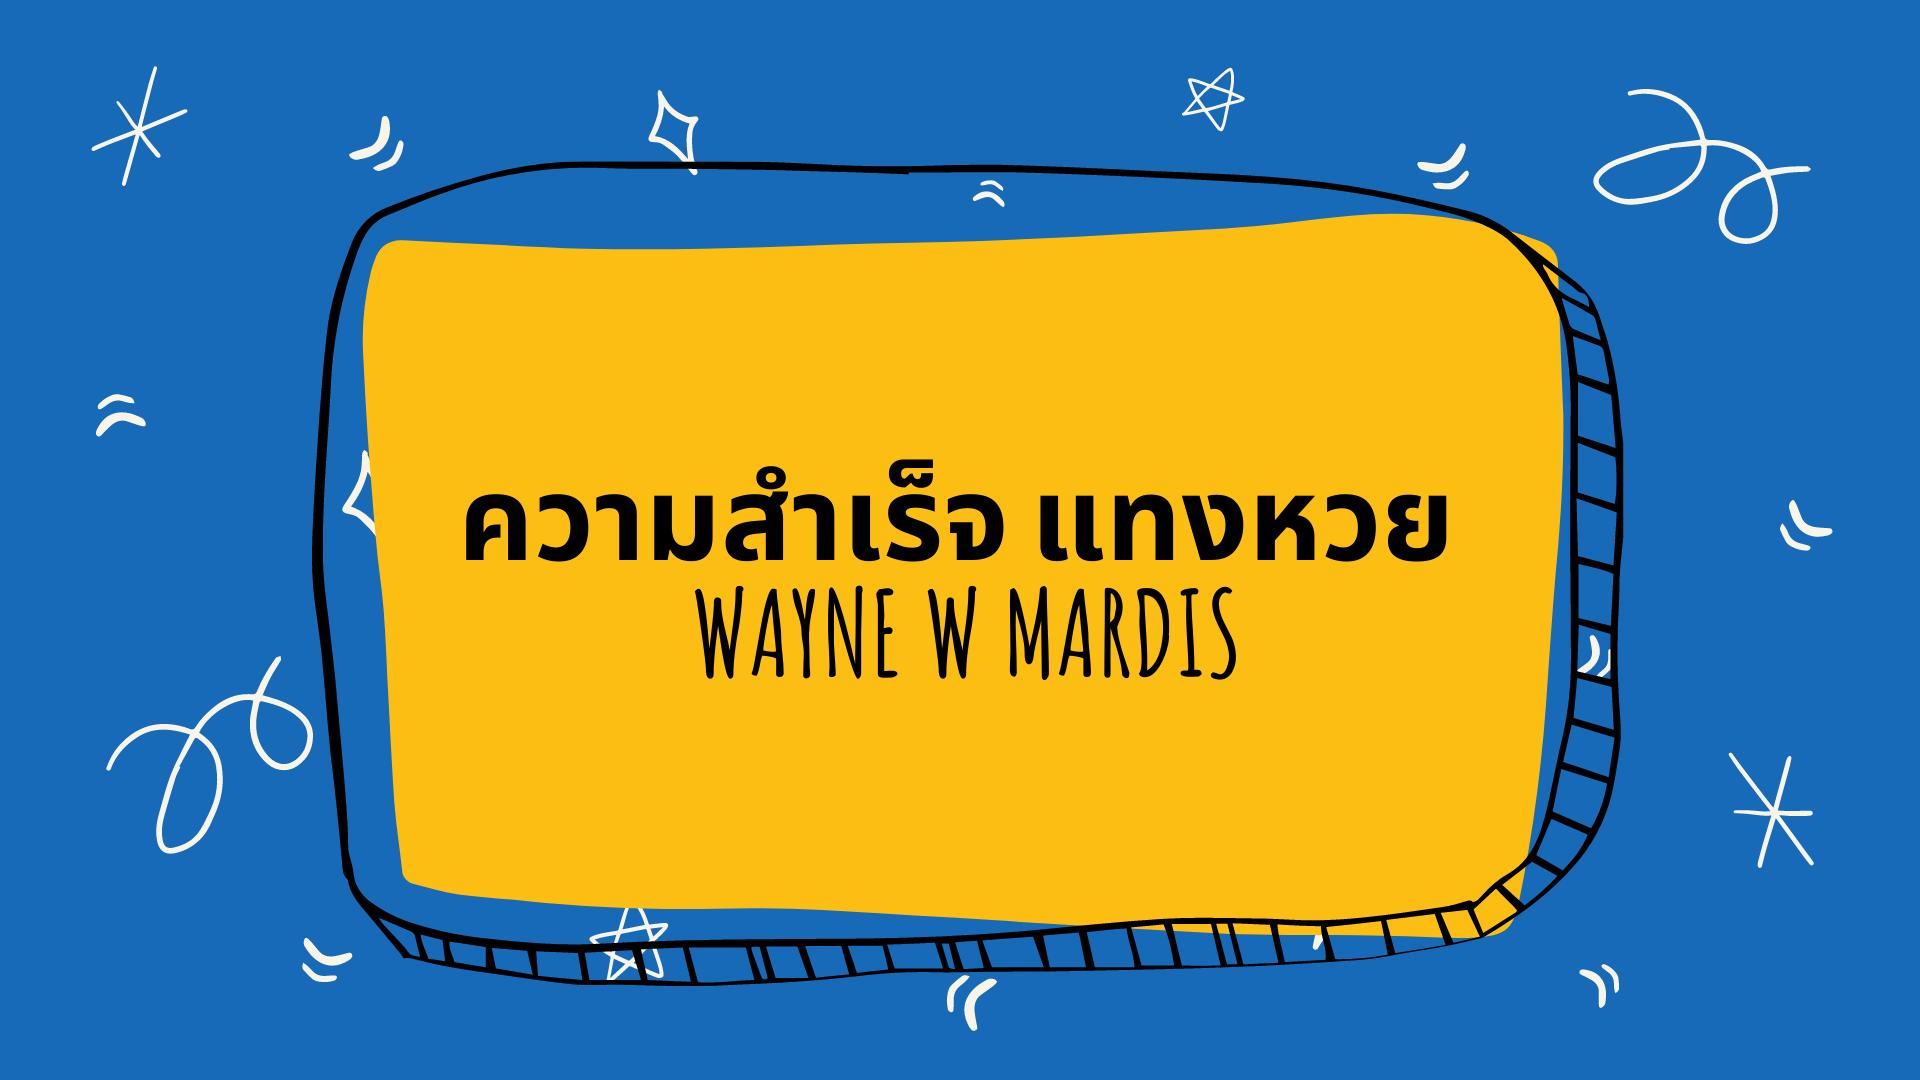 ความสำเร็จ แทงหวย Wayne W Mardis